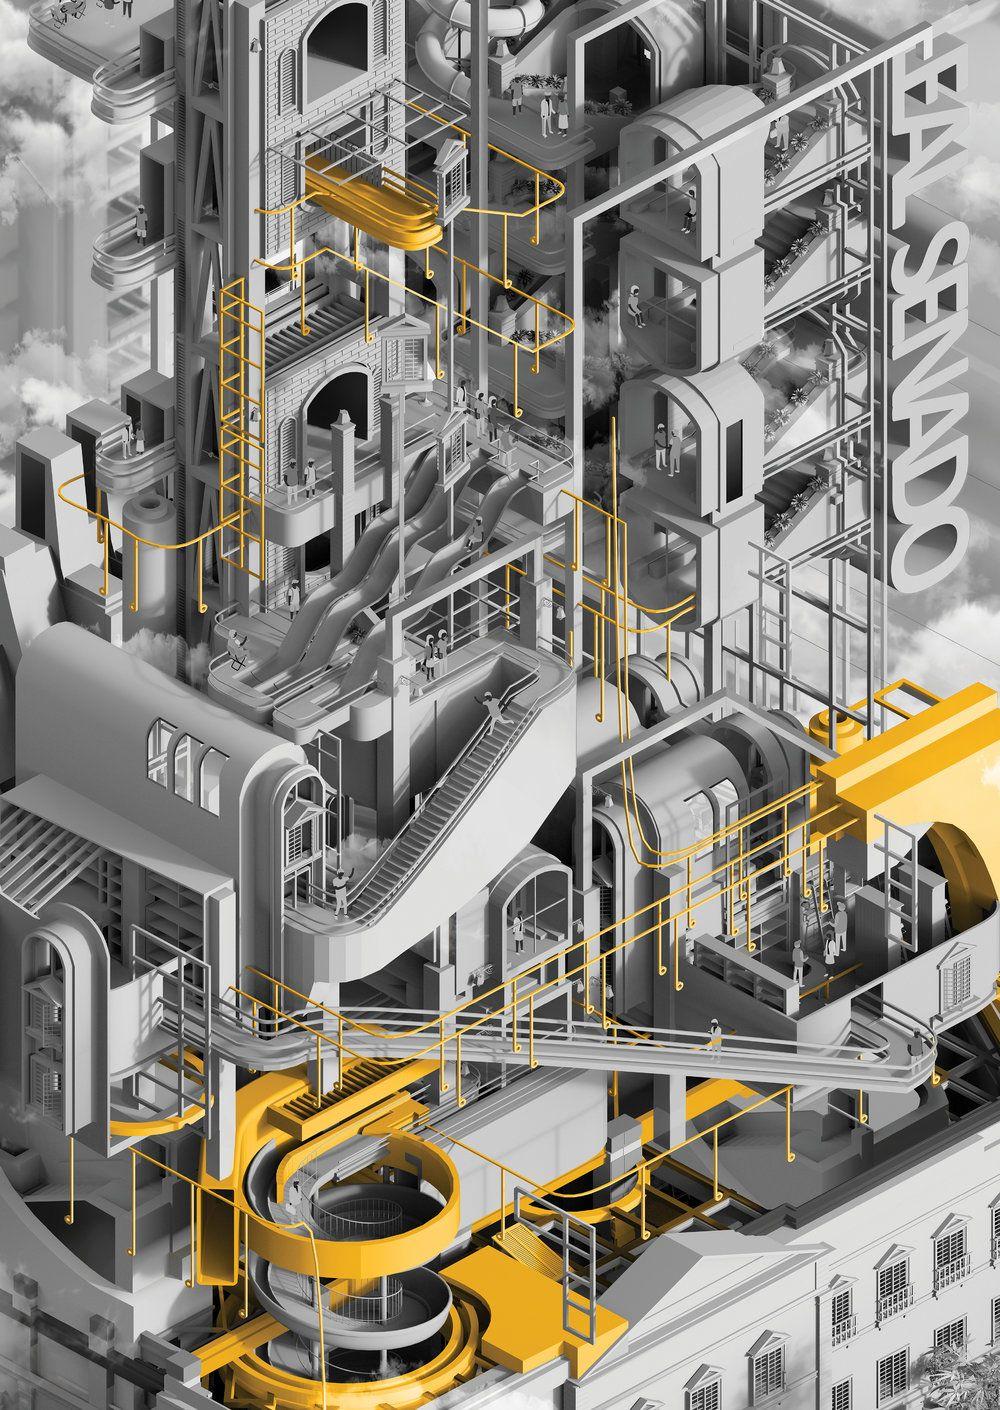 Allen Industries: Alexander Chapman Y5 — Smout Allen